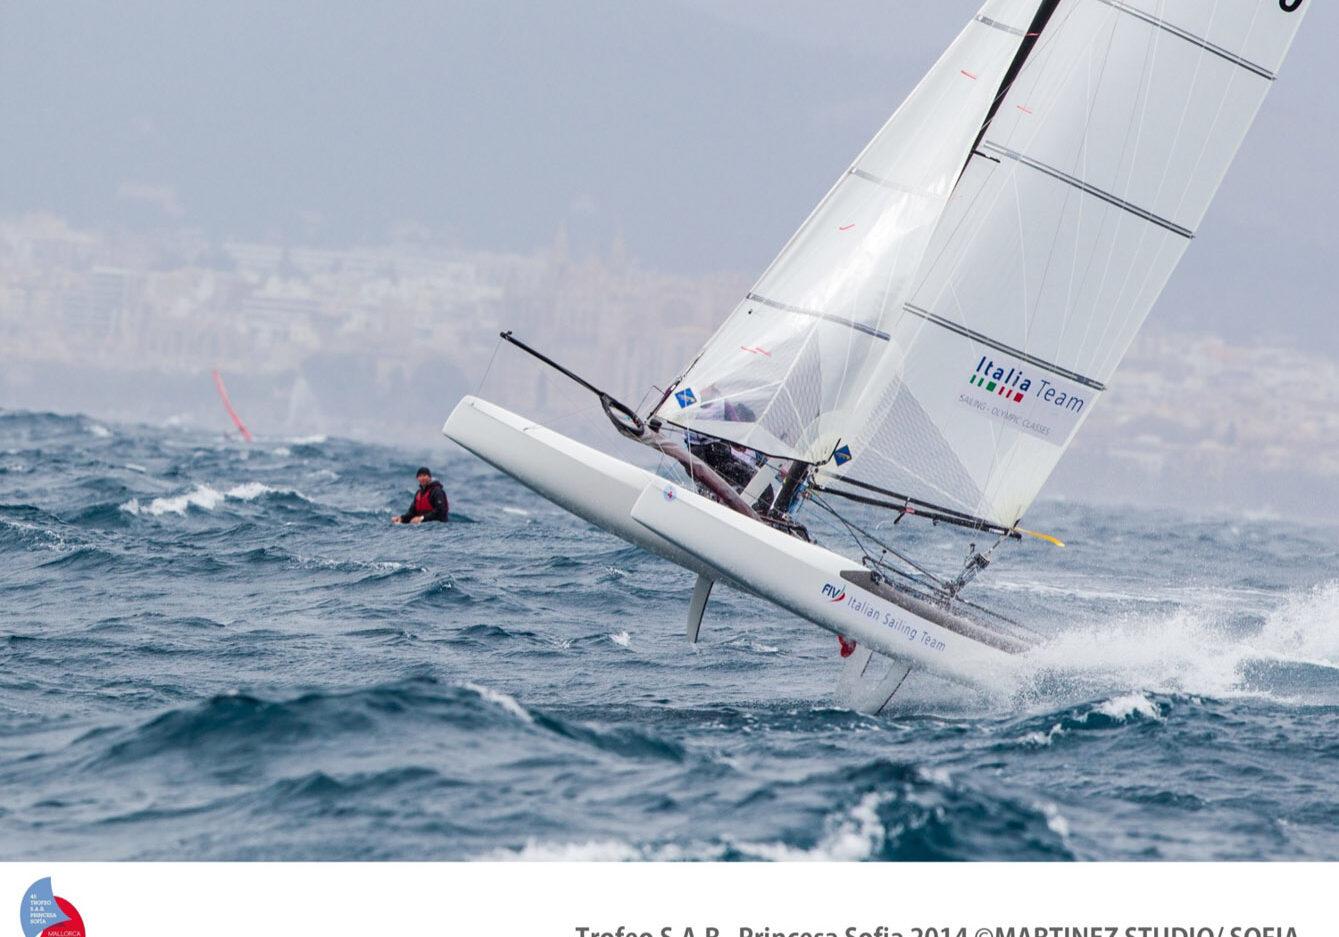 racing_bankappsegling_2014_Palma_Nacra_puff_Nacra_bildspel-ingang